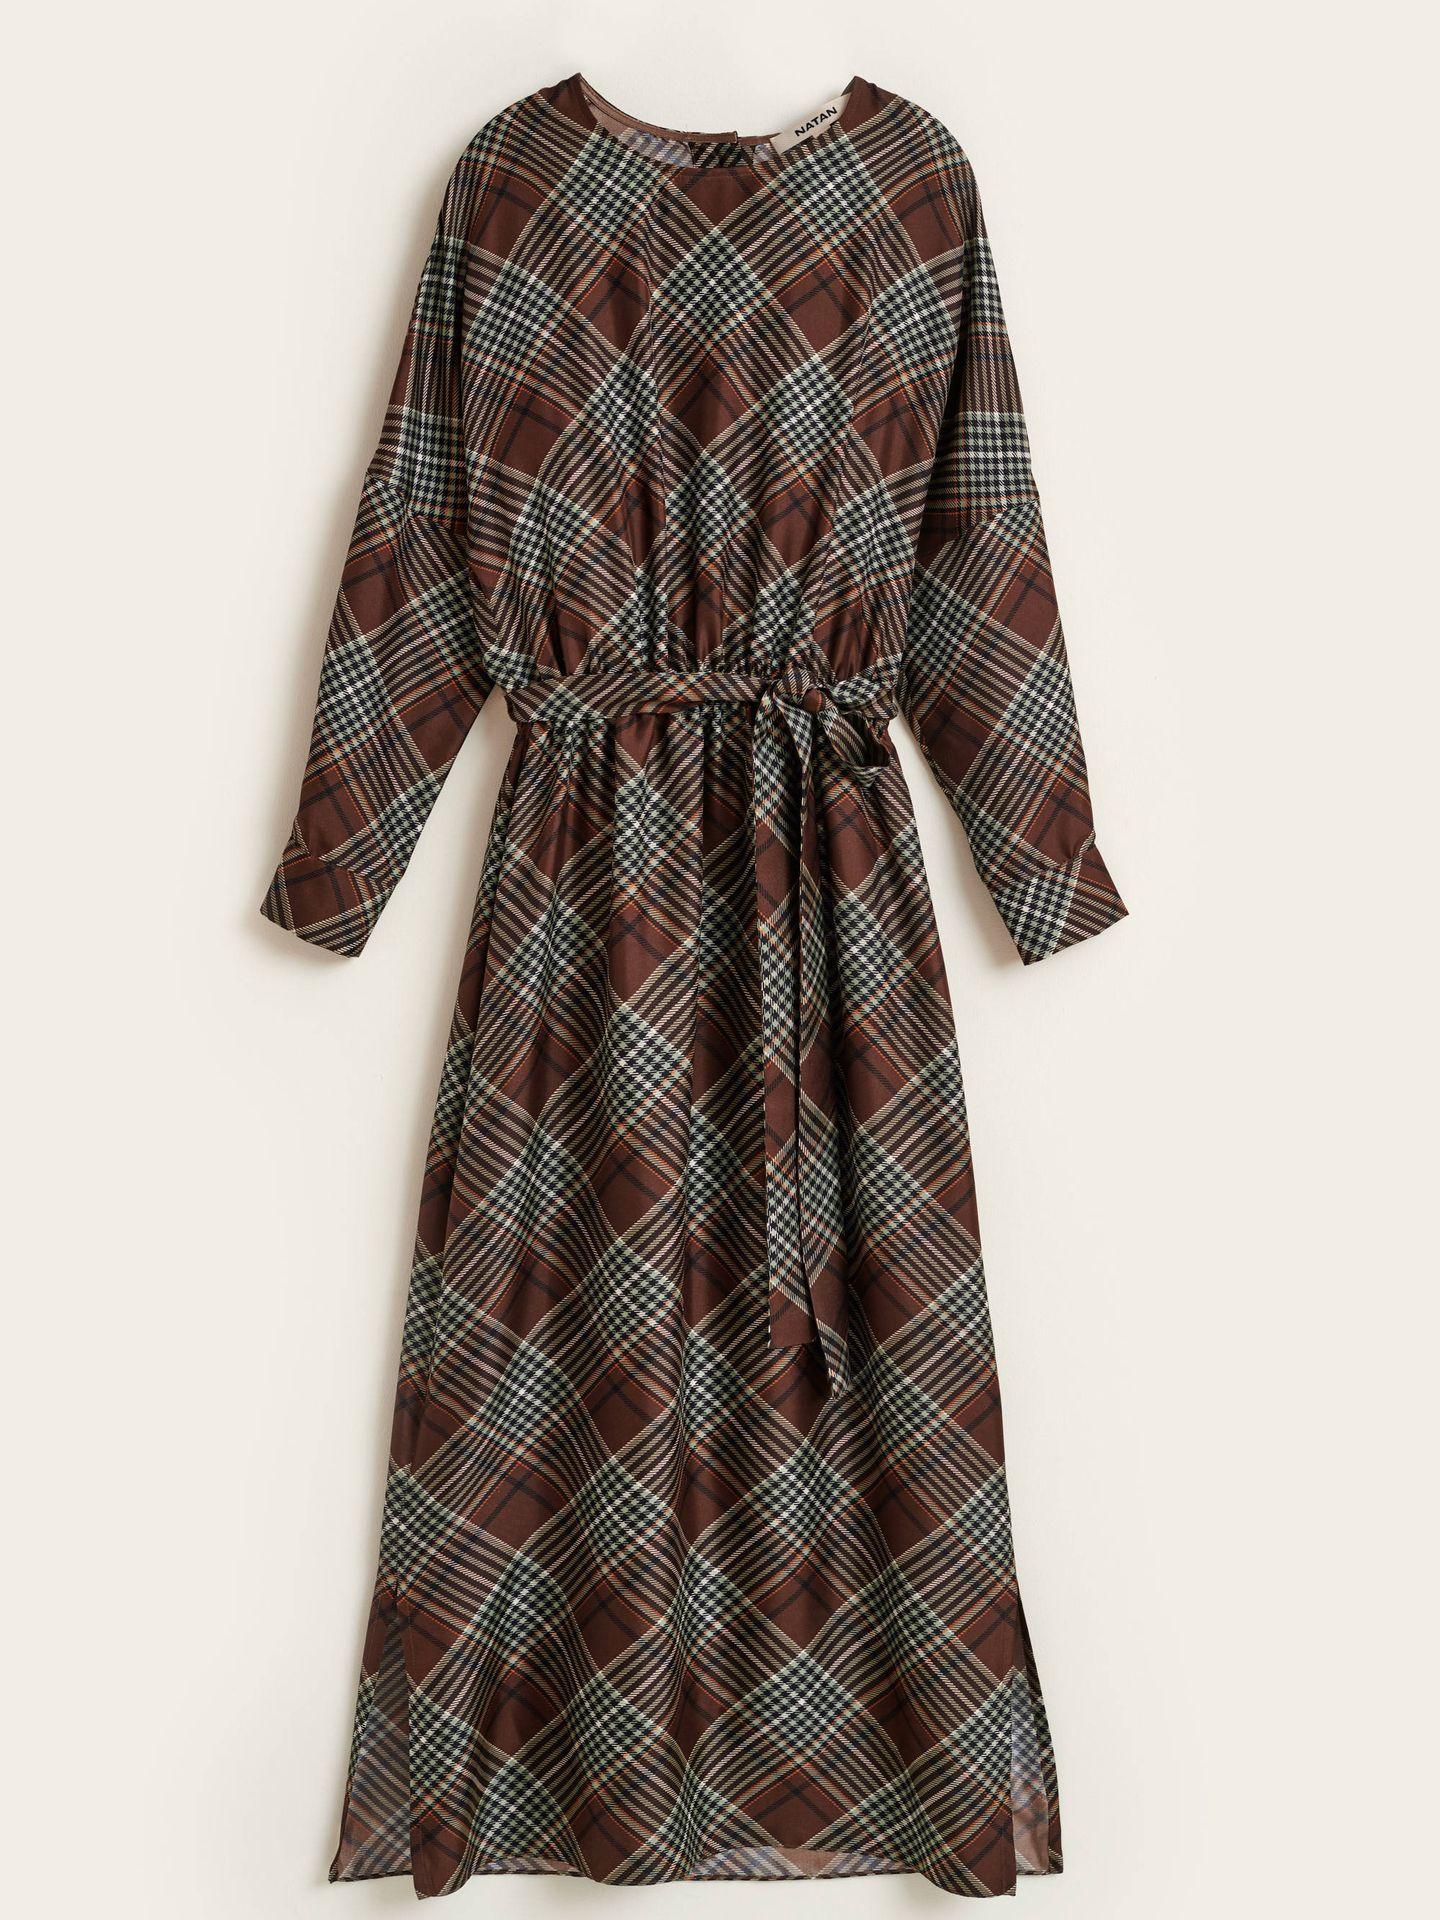 El vestido de Natan. (Cortesía)